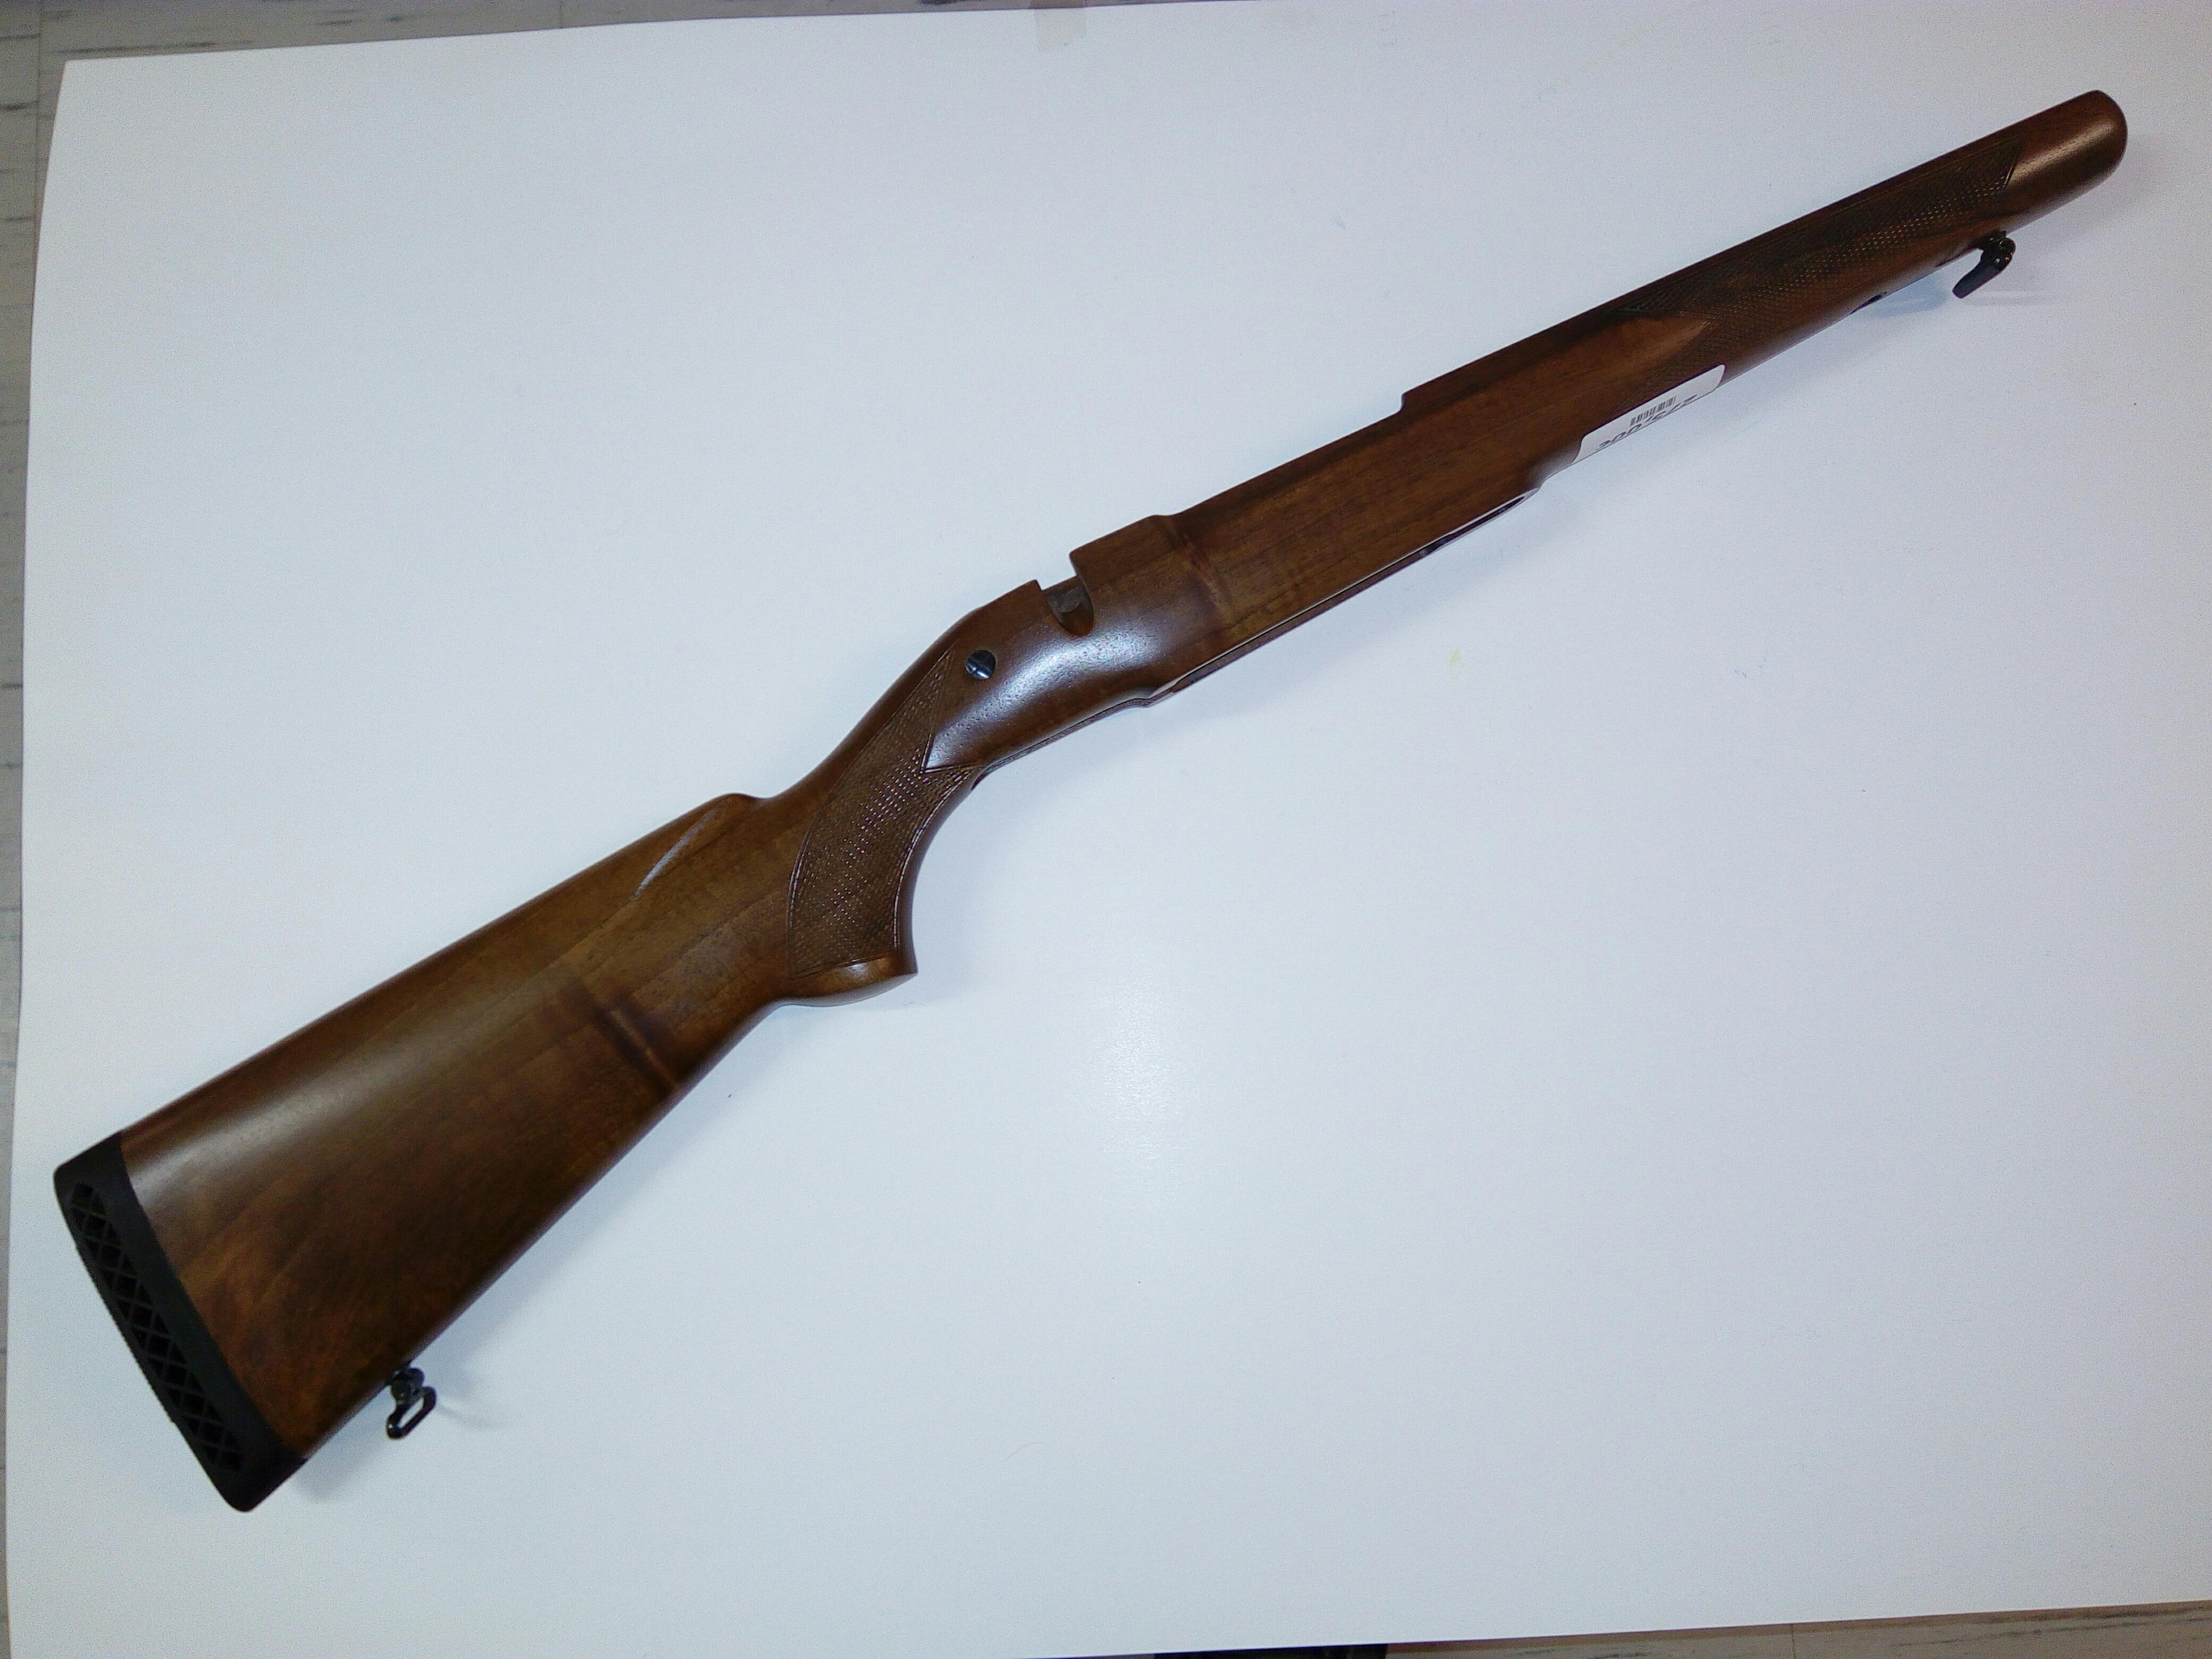 CZ 550 Magnum tukki  käytetty uutta vastaava